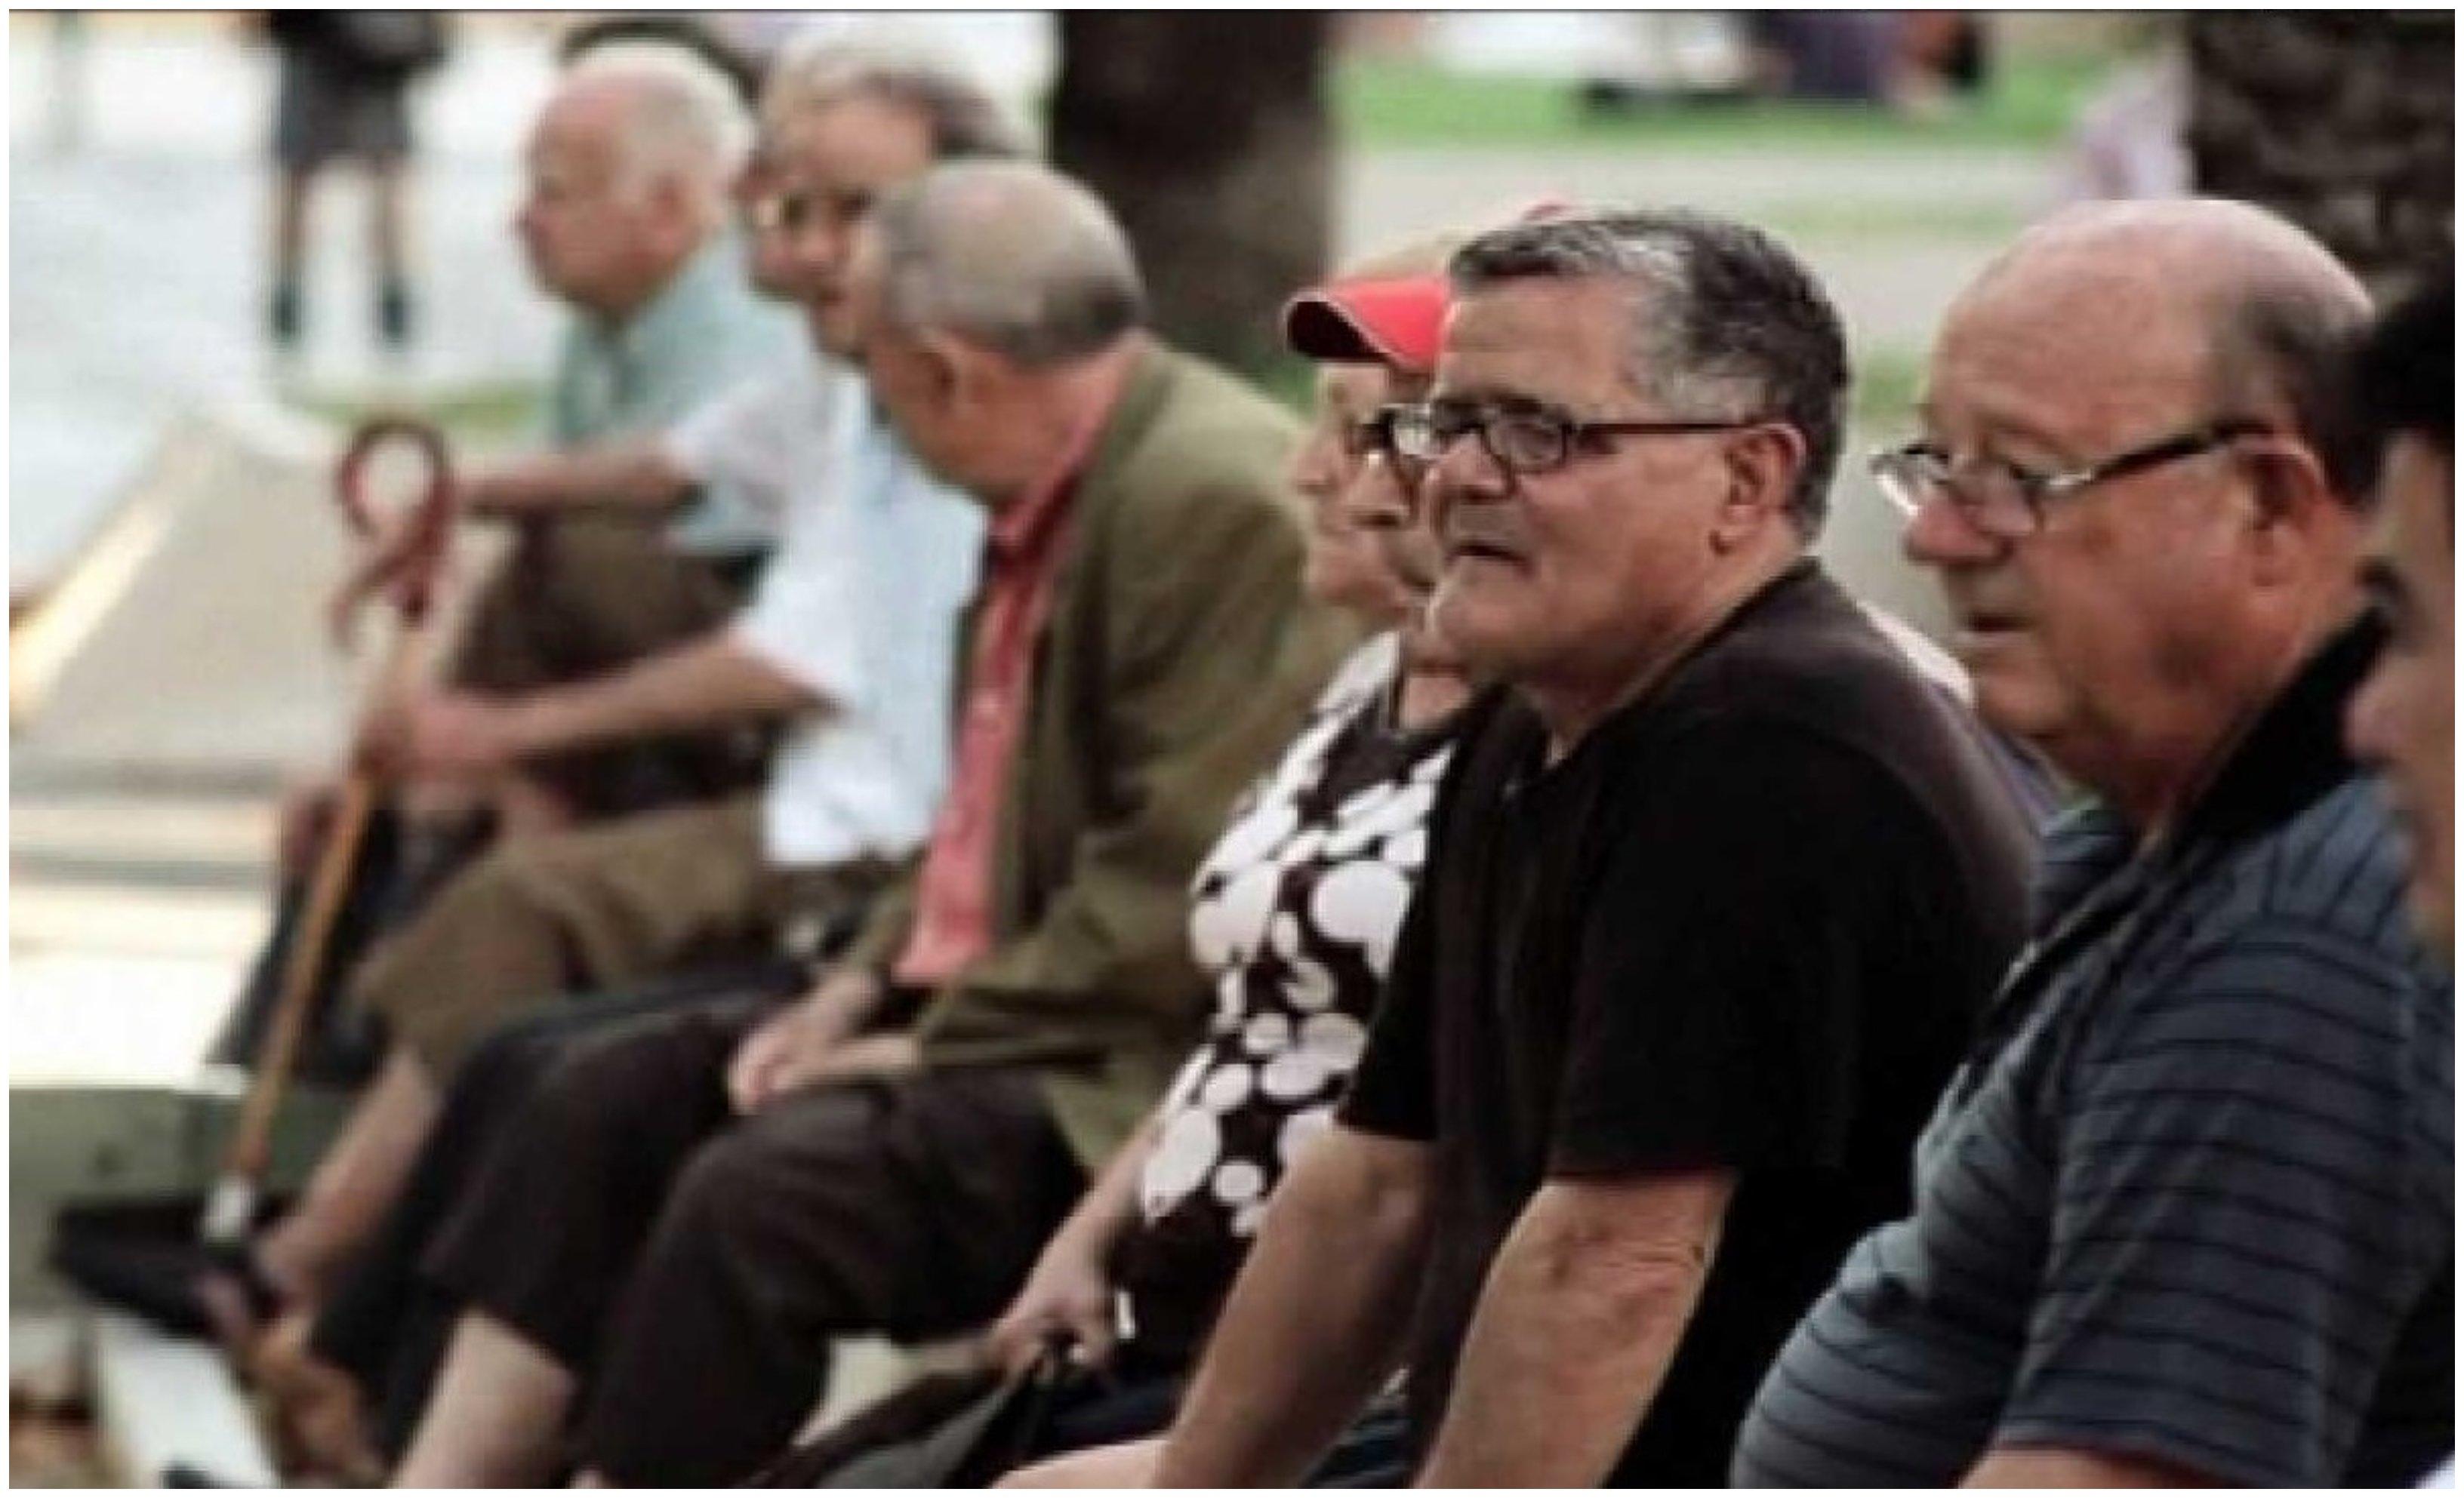 Jubilaciones impagables: el desembolso en pensiones alcanzó en febrero la cifra récord de 9.872 millones, un 3,2% más